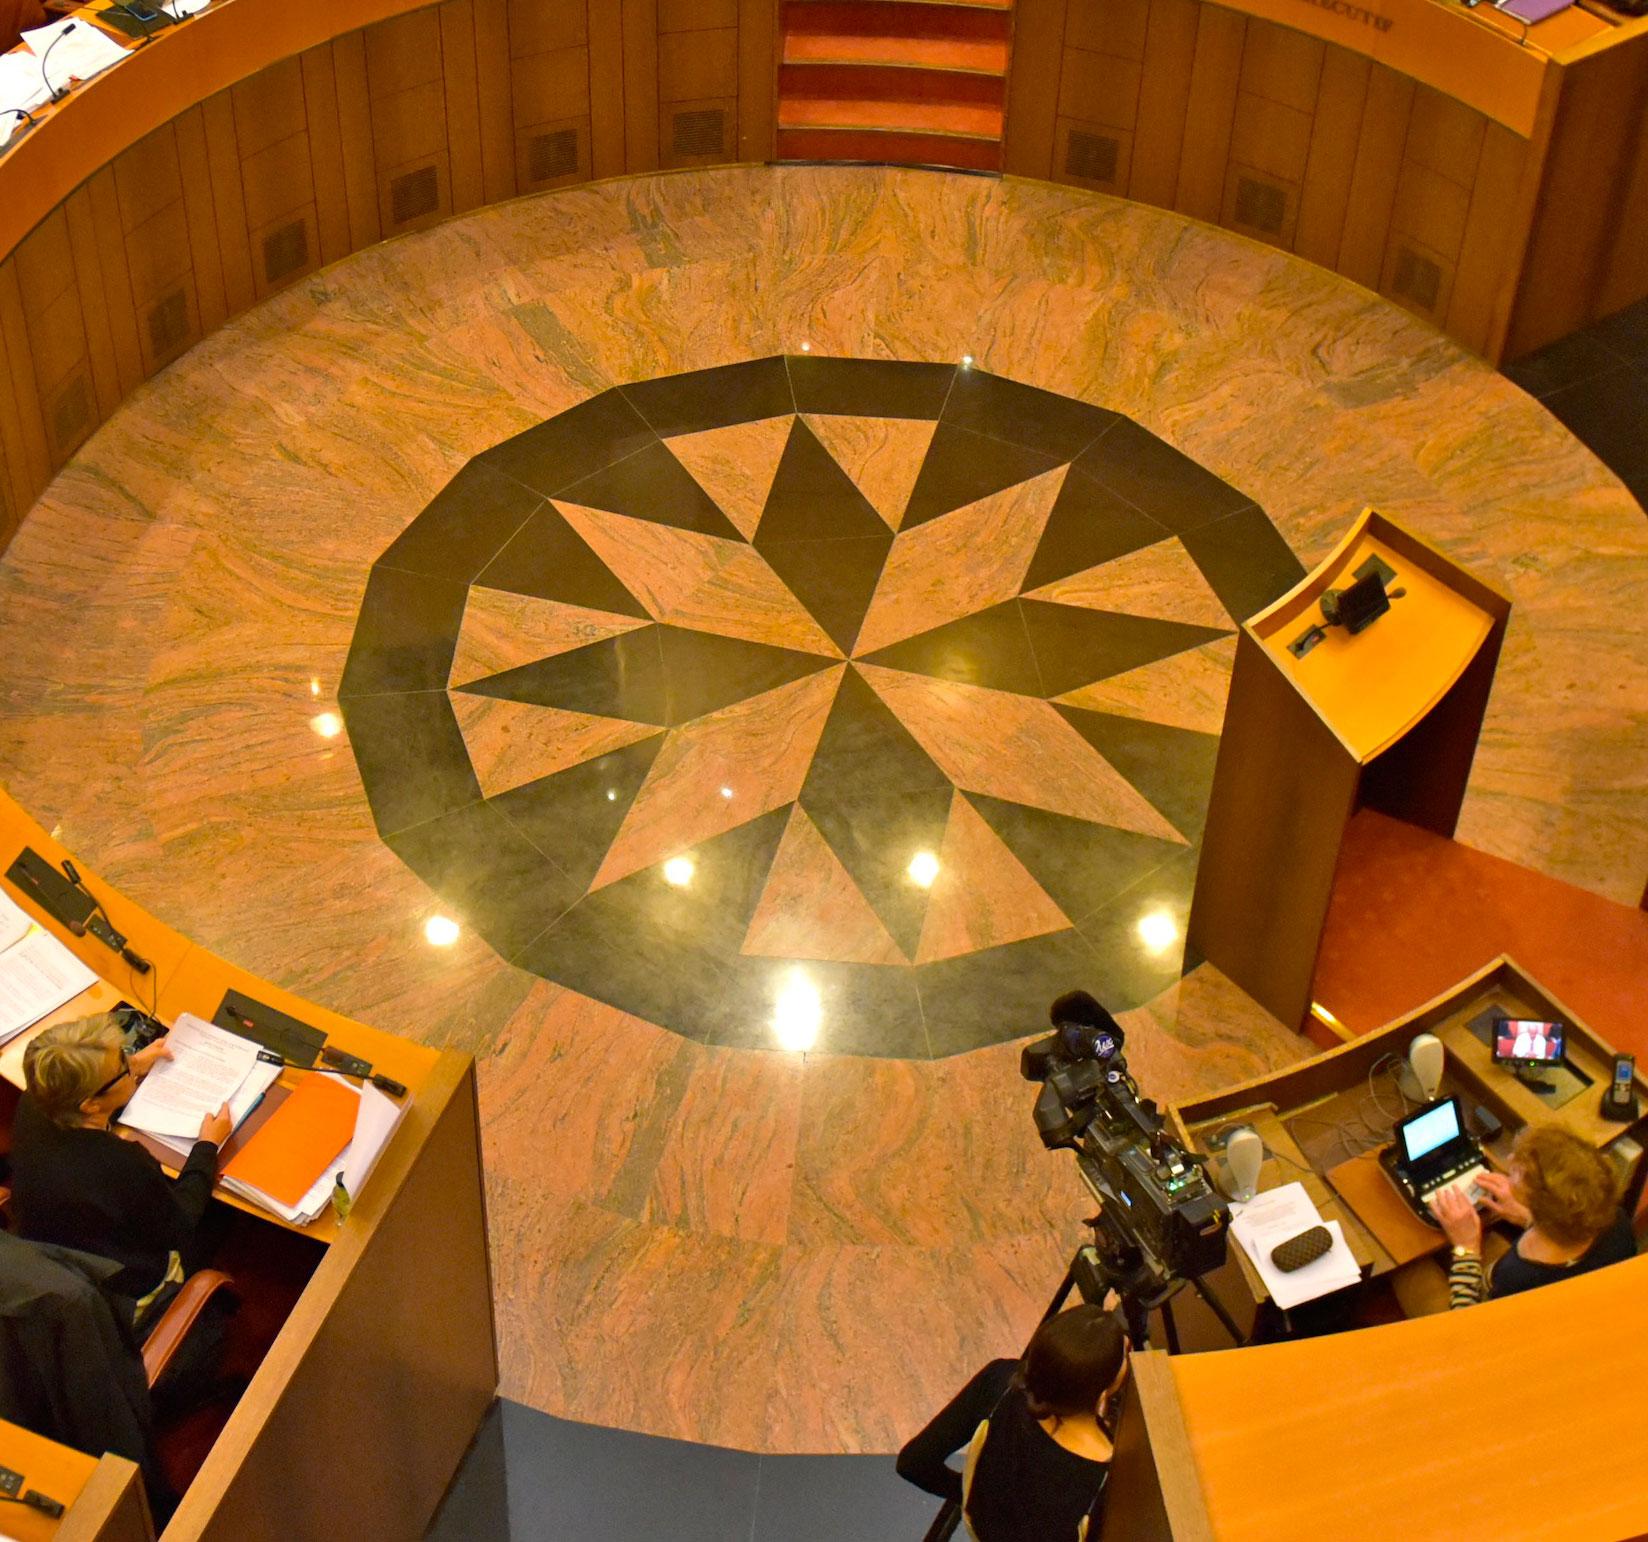 Séance publique de l'Assemblée de Corse des 26 et 27 avril 2018 : les délibérations sont en ligne